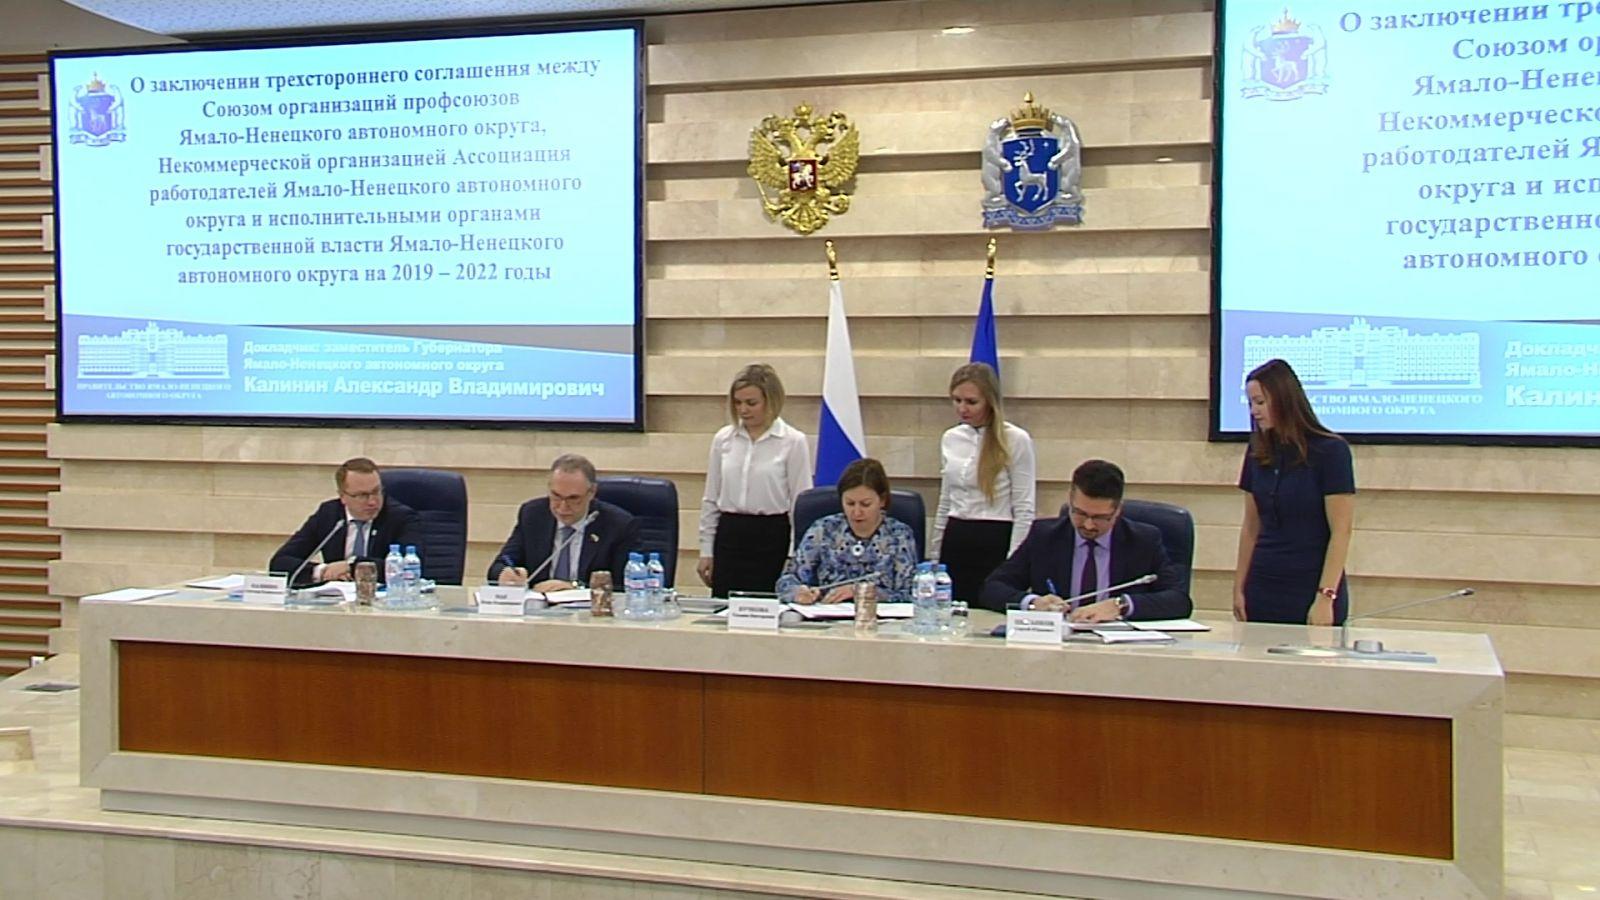 На Ямале подписали трёхстороннее соглашение о социальном партнёрстве